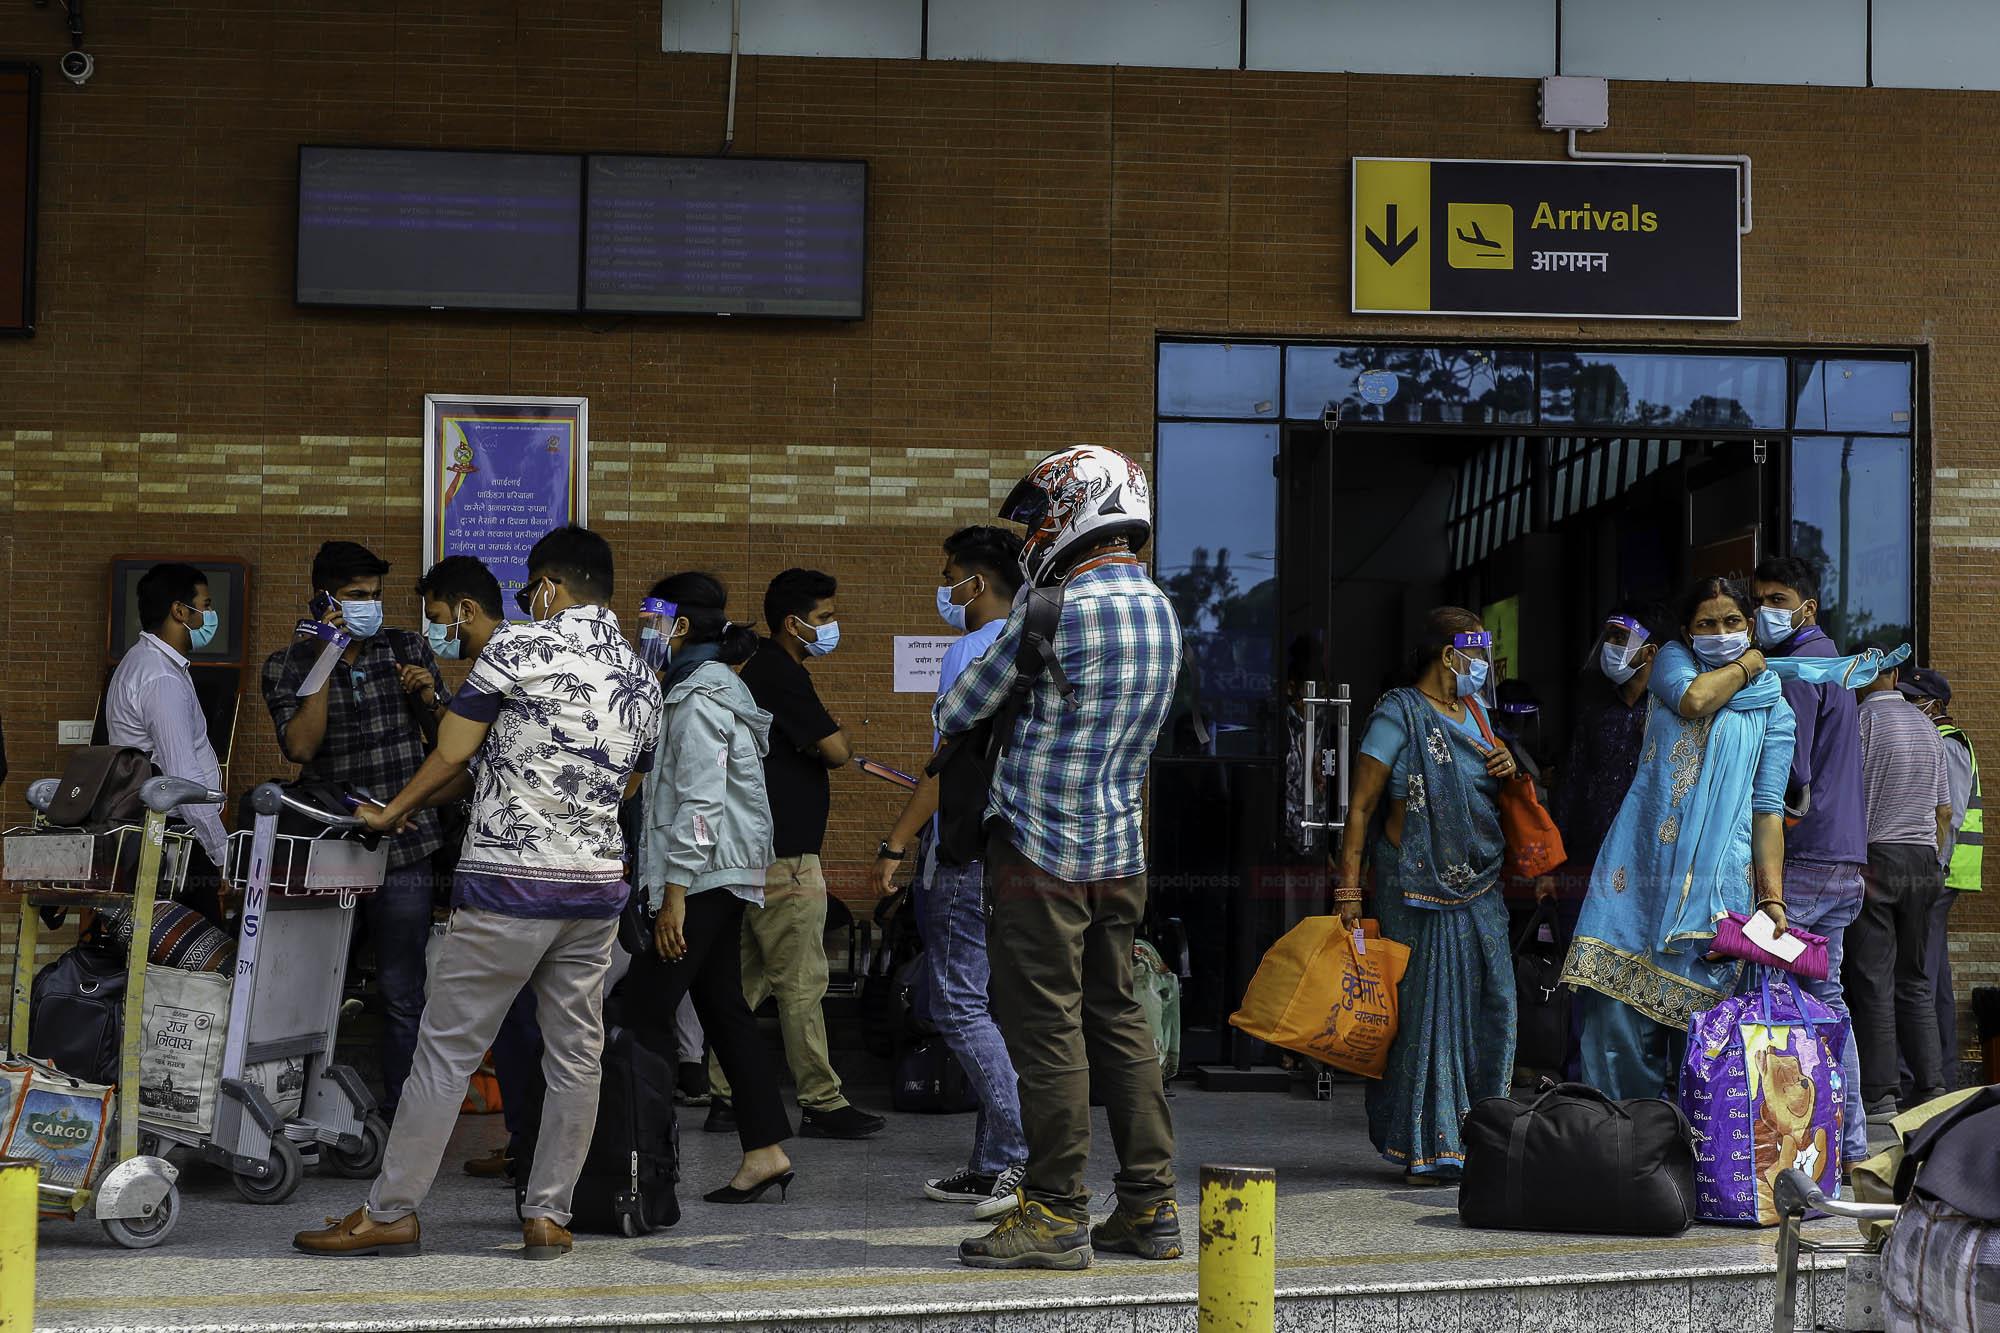 हवाईमार्गबाट यात्रा गर्ने बढे, काठमाडौं आउने र छाड्ने बराबरी जस्तै